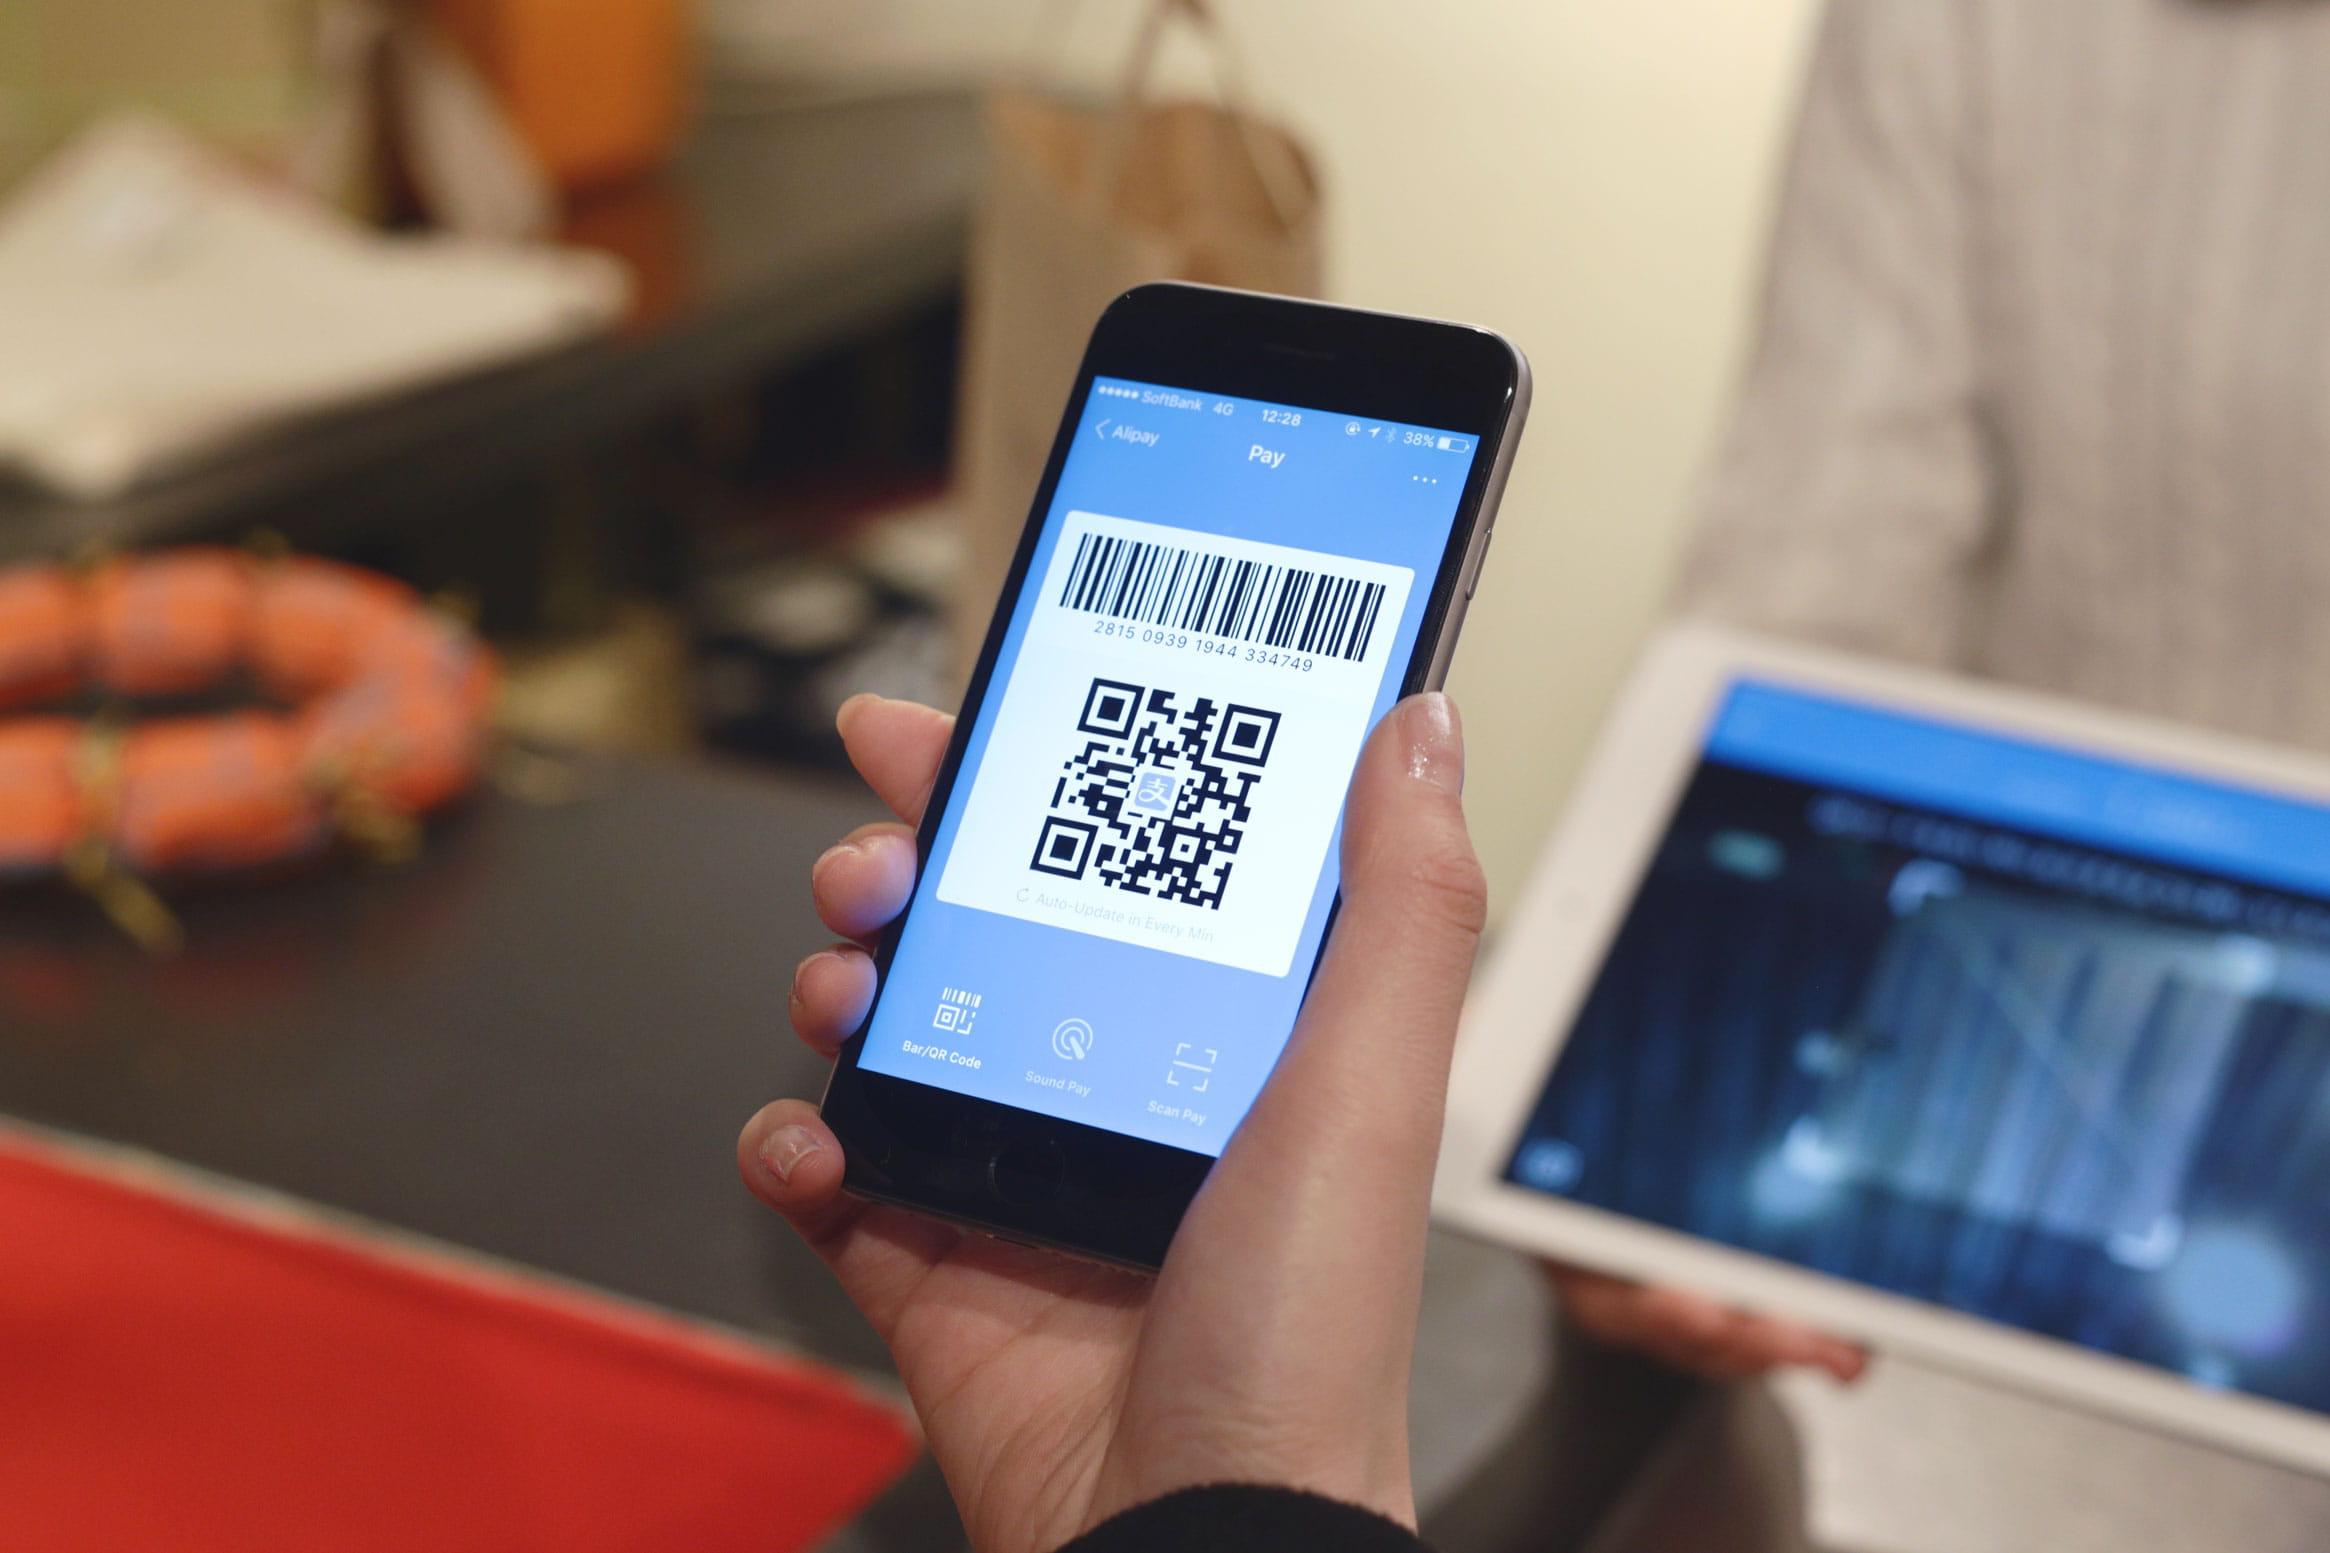 Wechatpay: モバイル決済 For Airレジ - 支付宝(アリペイ・Alipay)対応